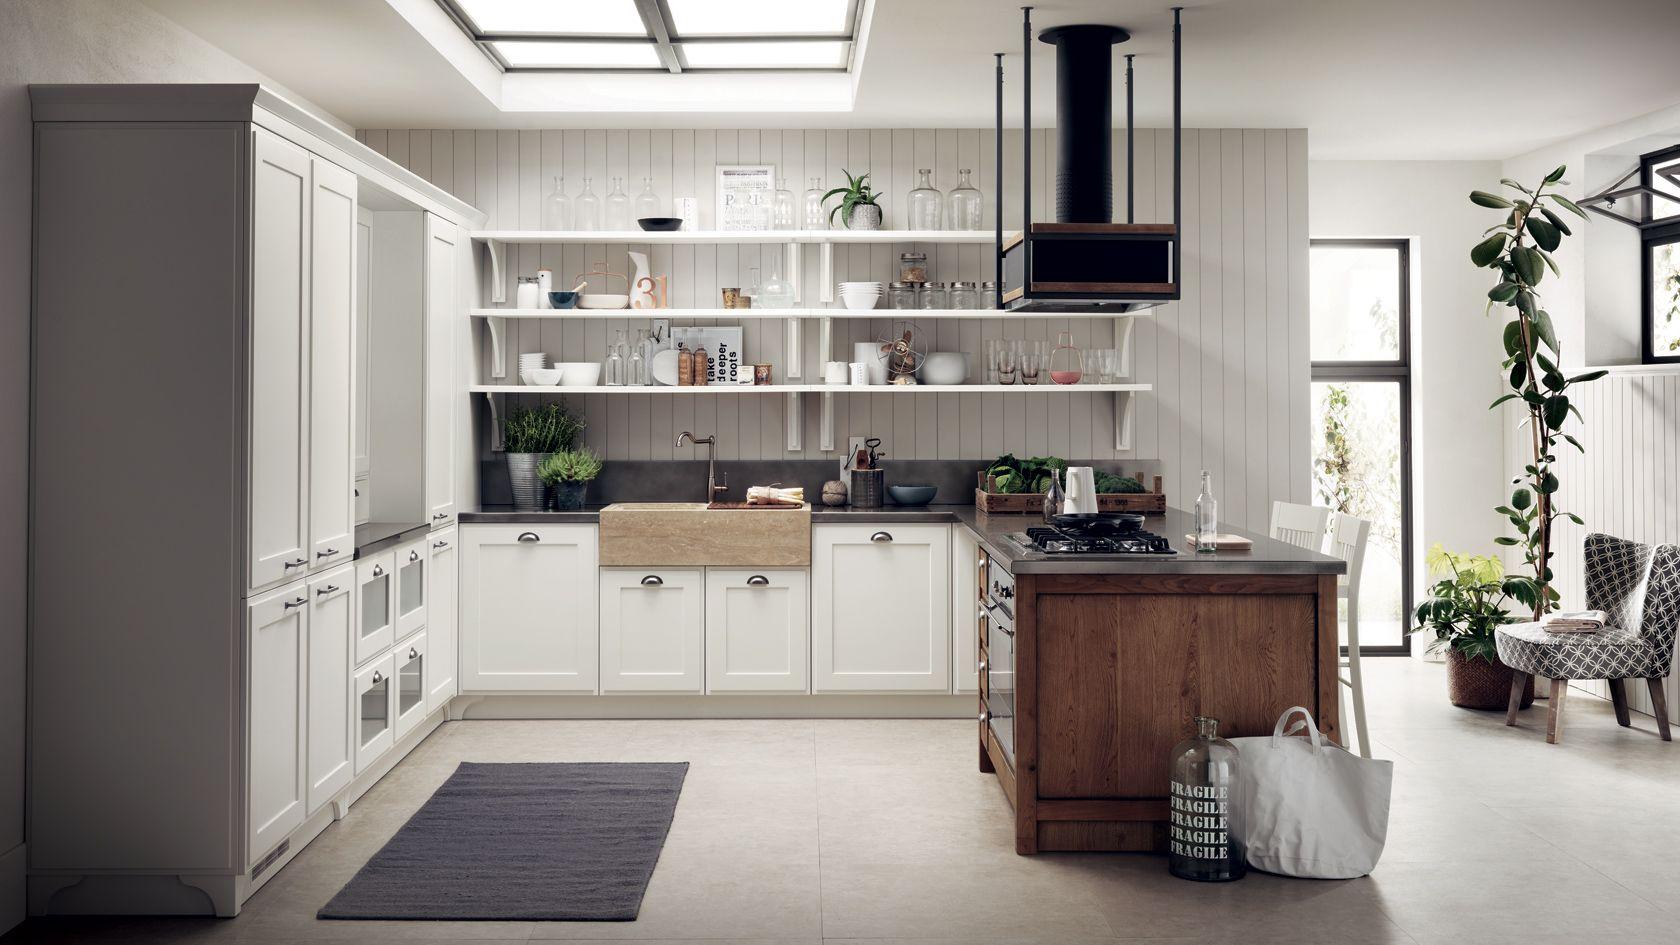 Cucina Favilla, Scavolini www.magnicasa.it #cucine #kitchen ...